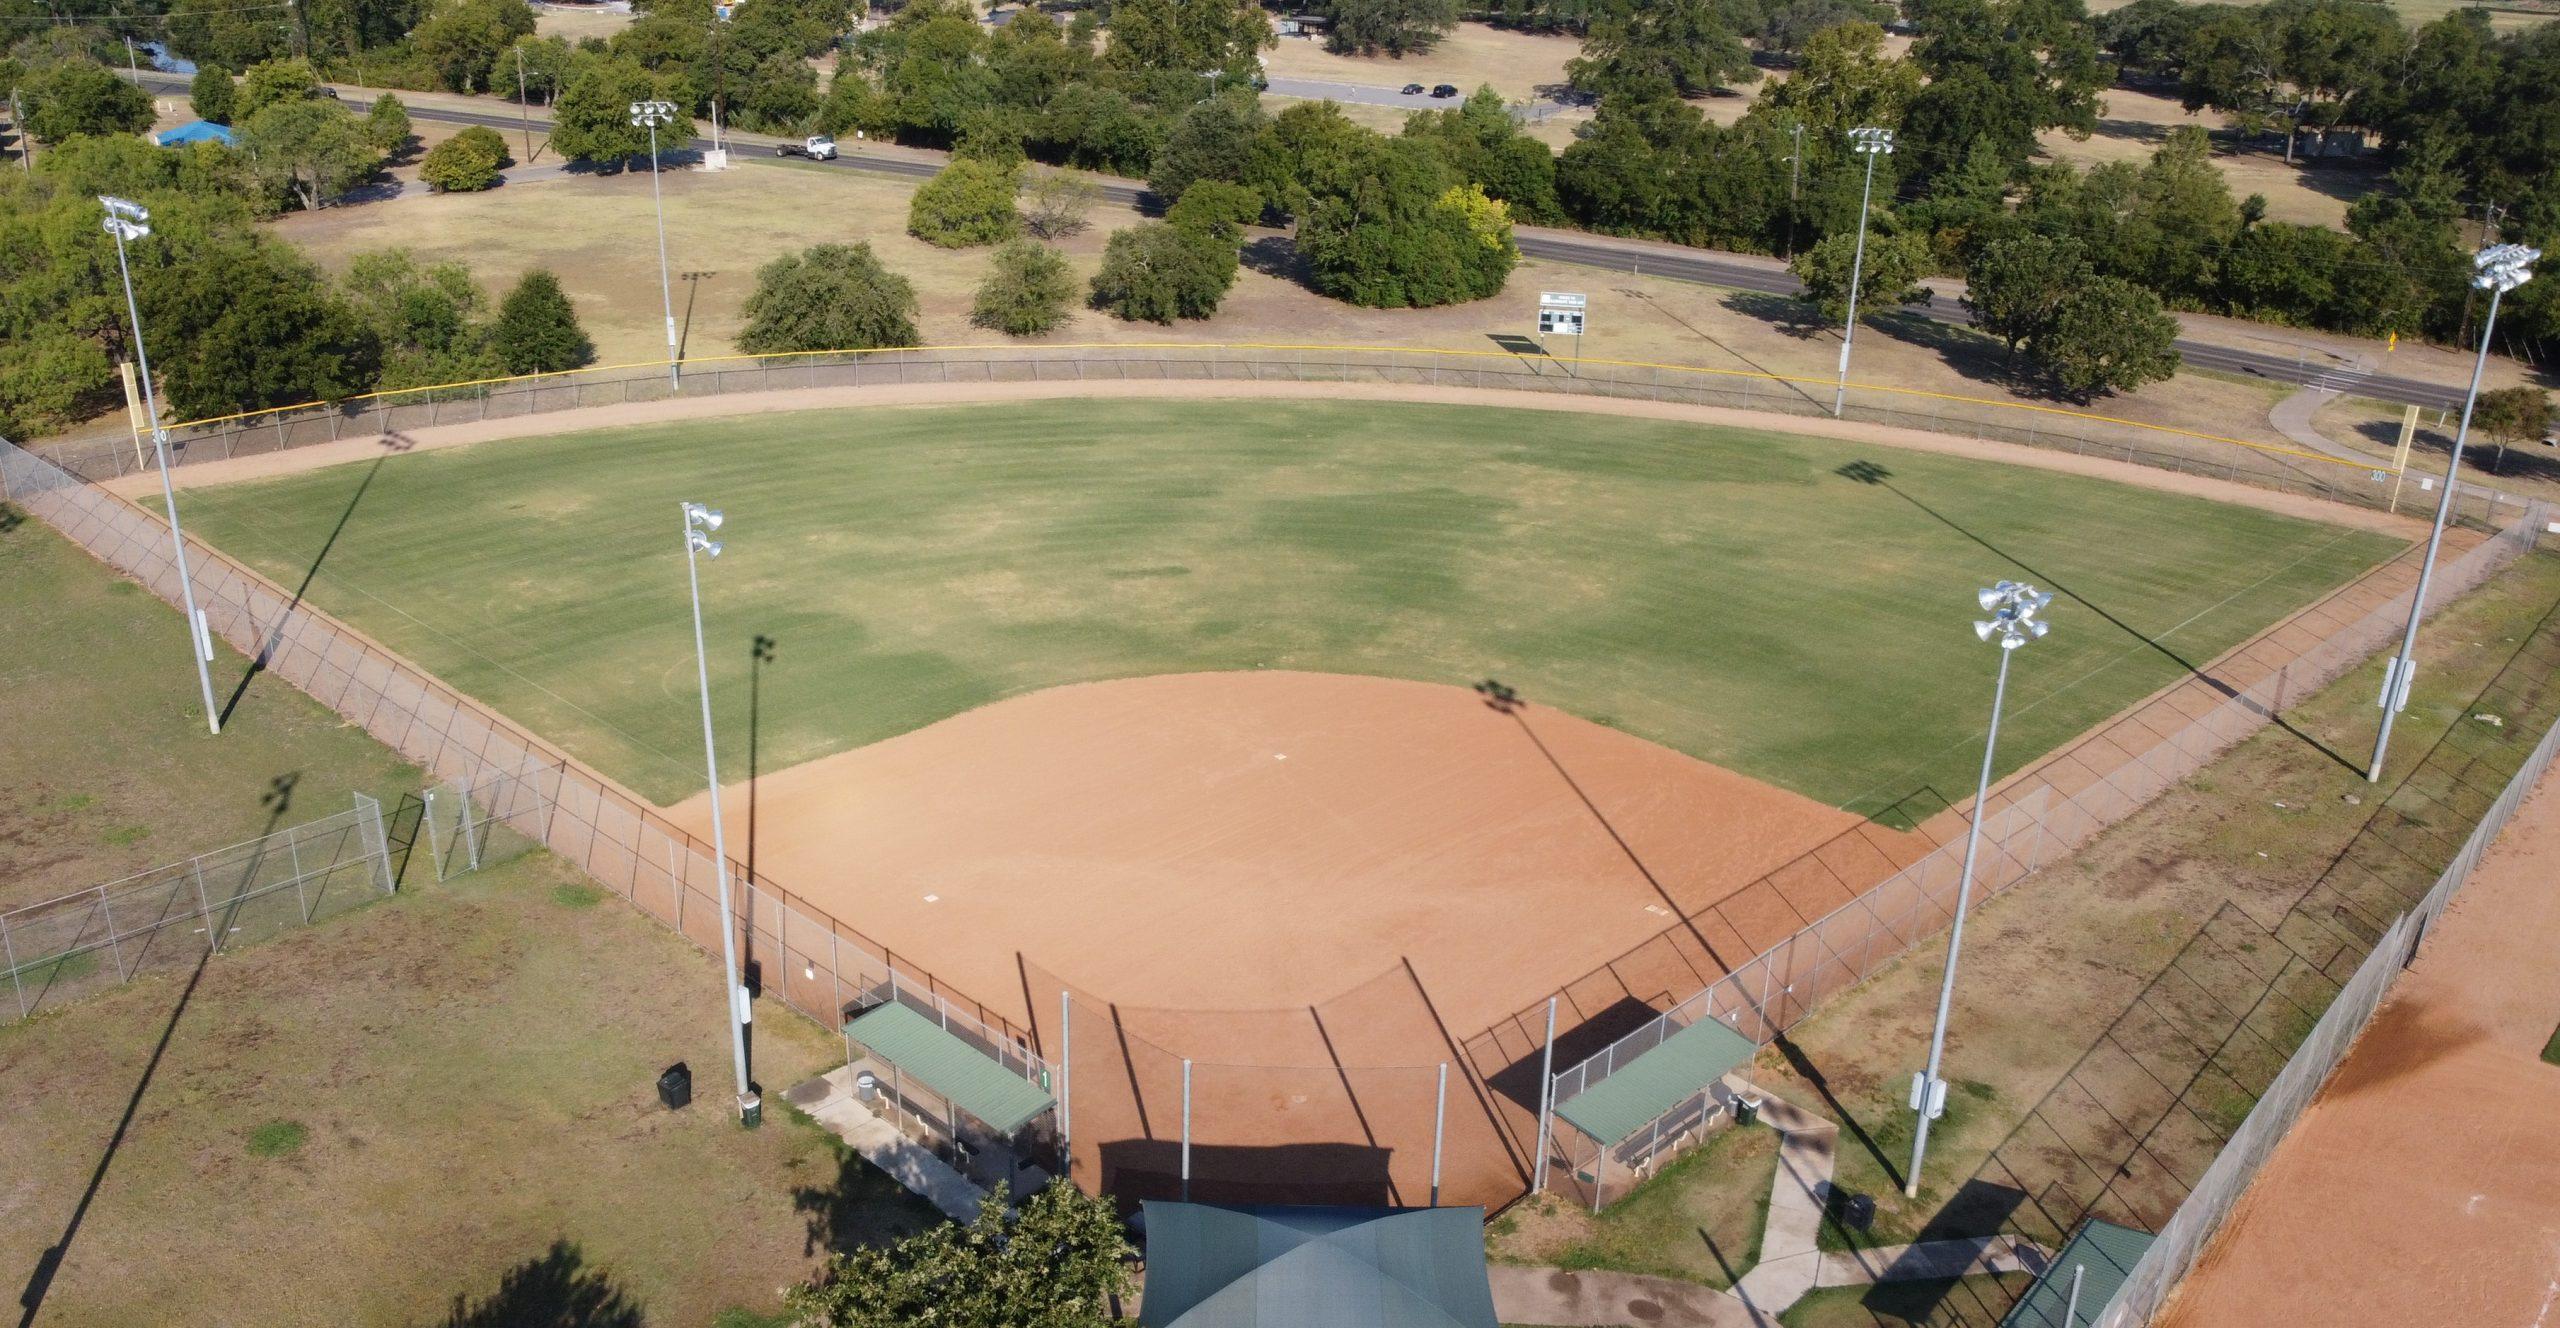 McMaster Softball Field #1